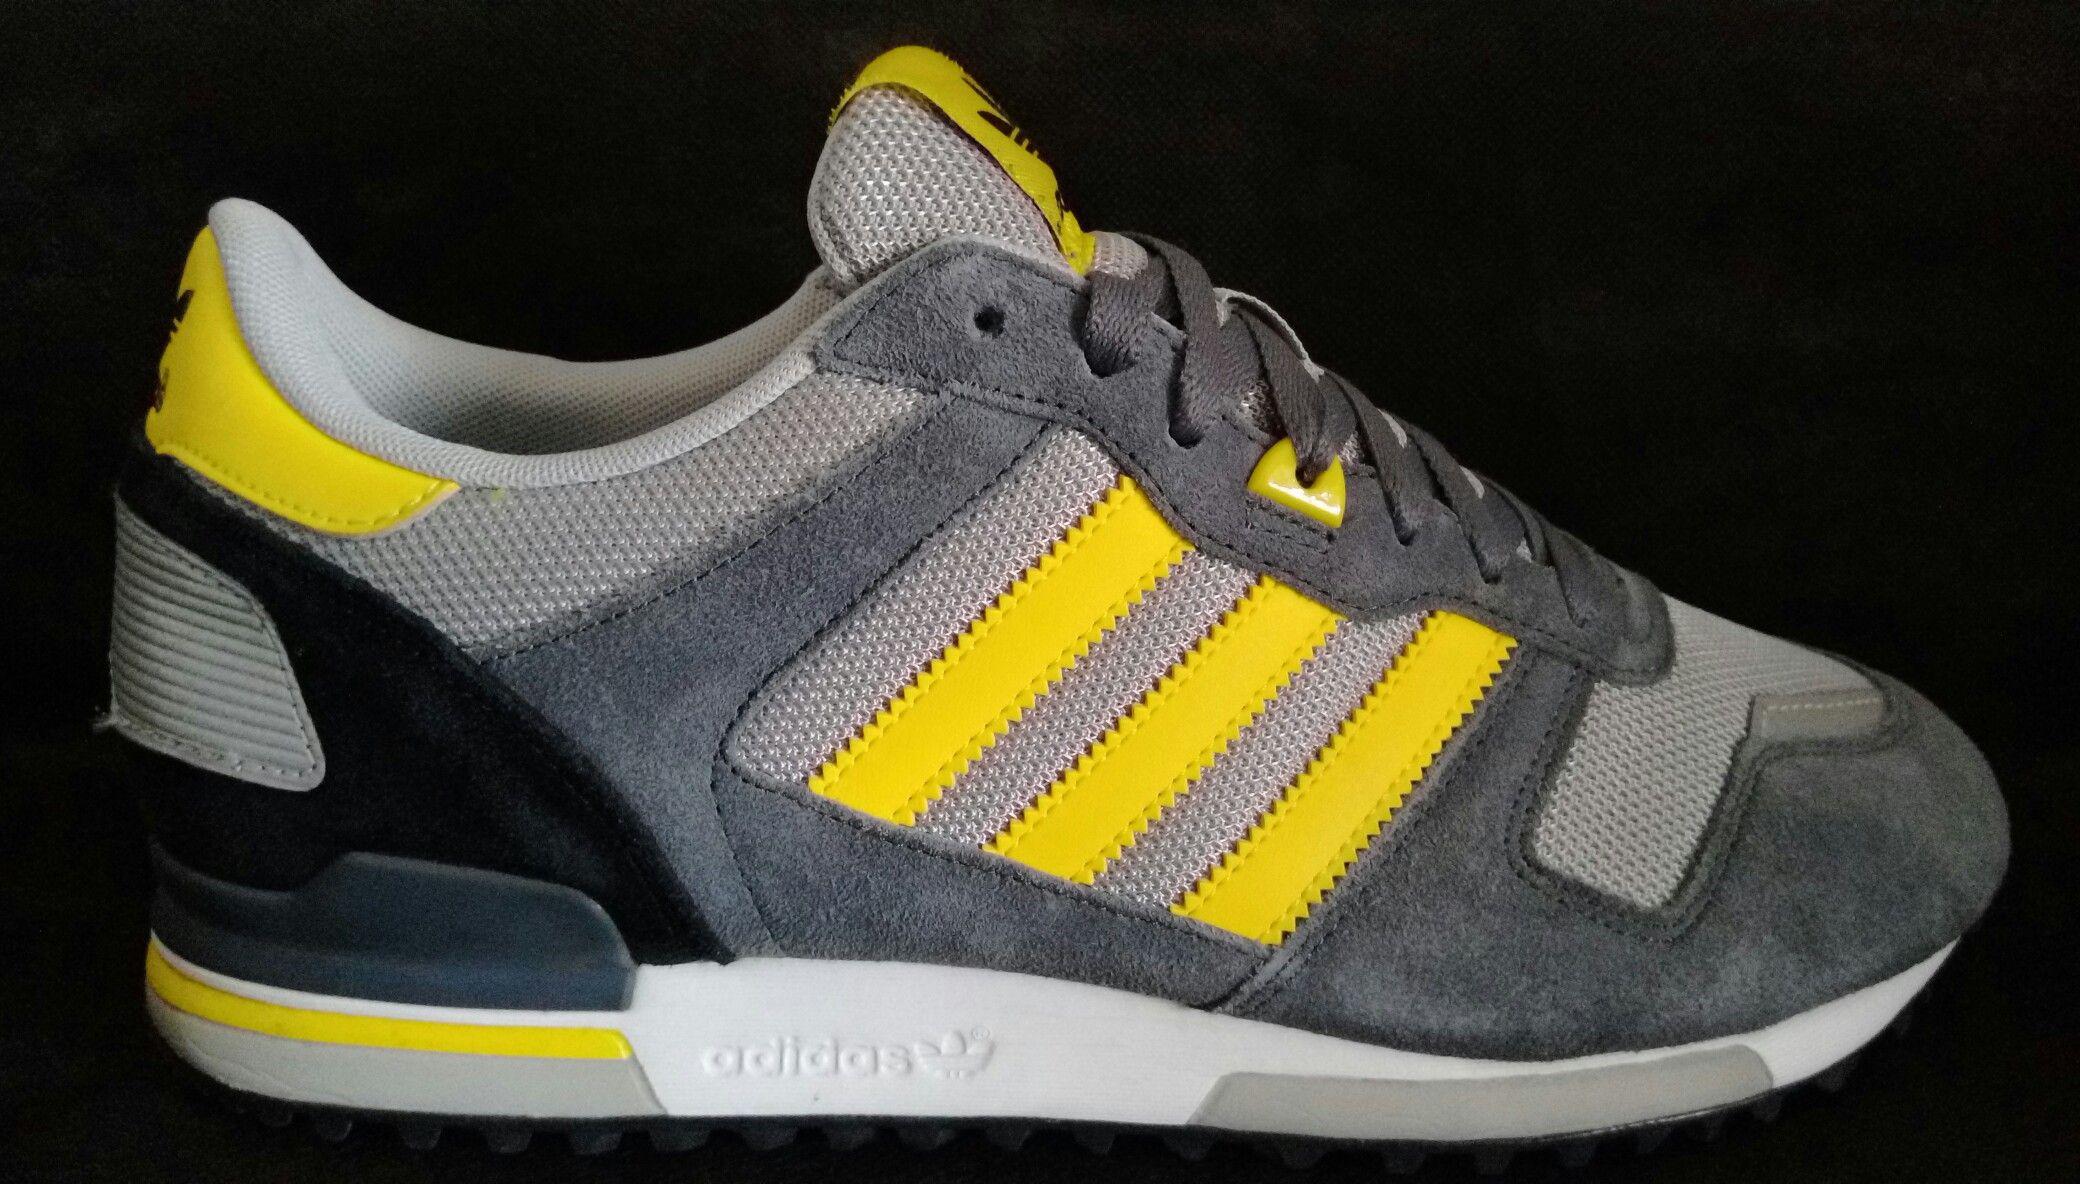 Adidas ZX 700 giallo